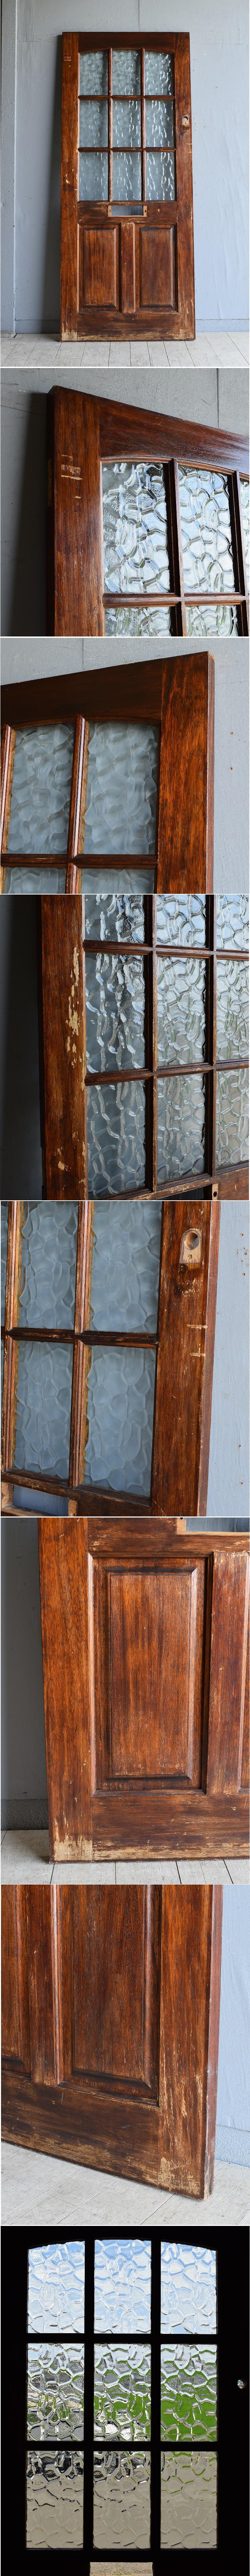 イギリス アンティーク ドア 扉 建具 8087